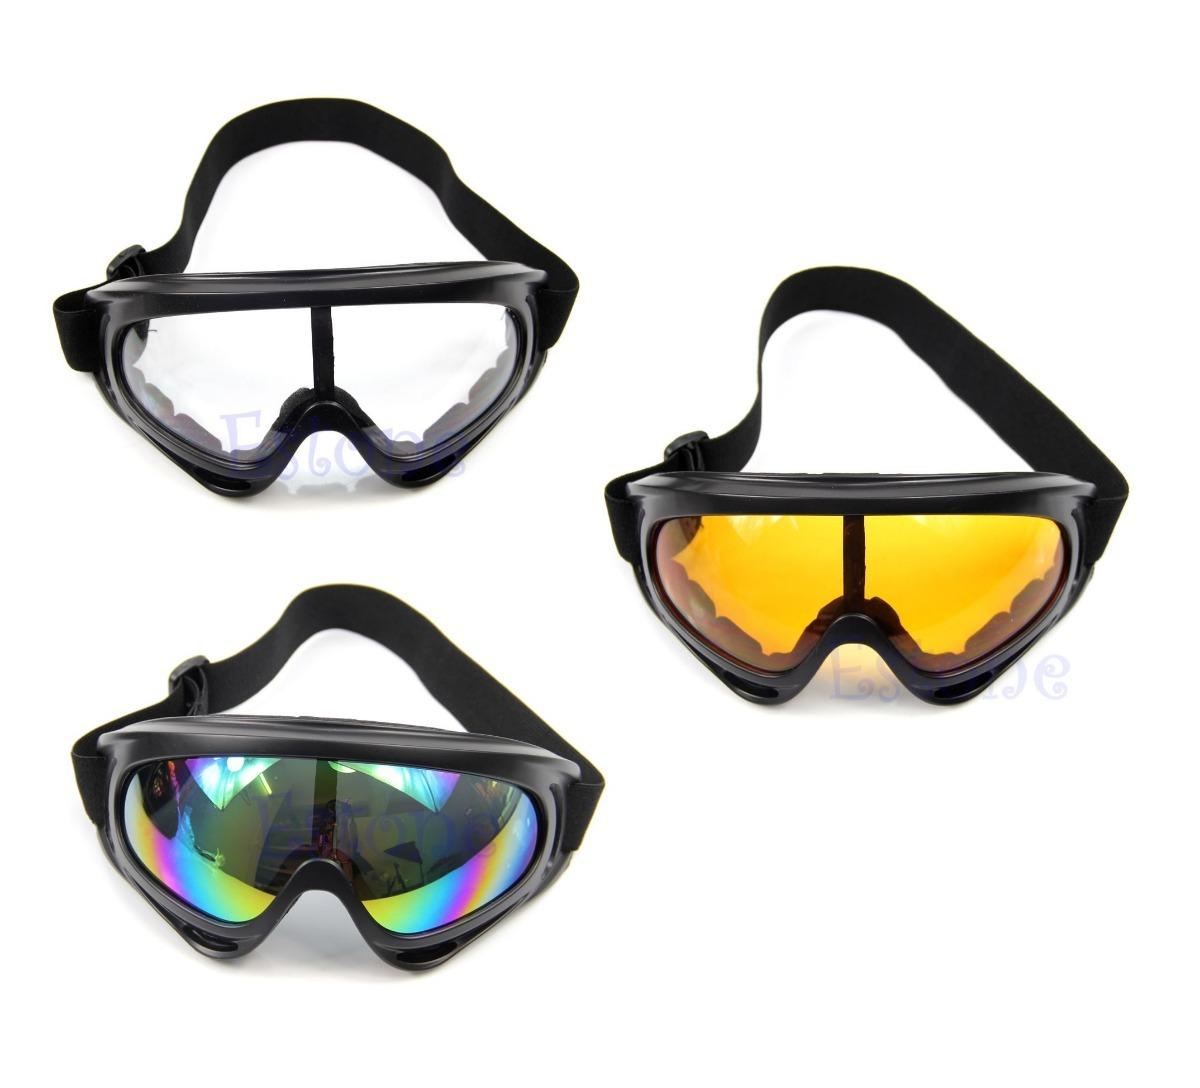 28cb8c9851e6a 3x óculos mascara googles x400 tatico airsoft paintball army. Carregando  zoom.